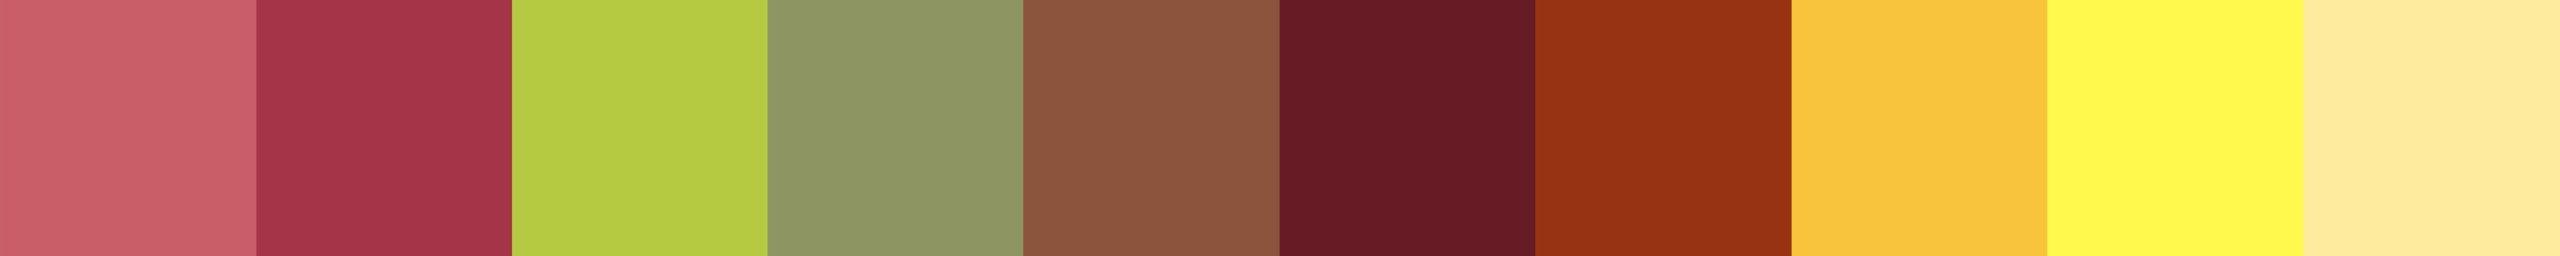 73 Hilouara Color Palette